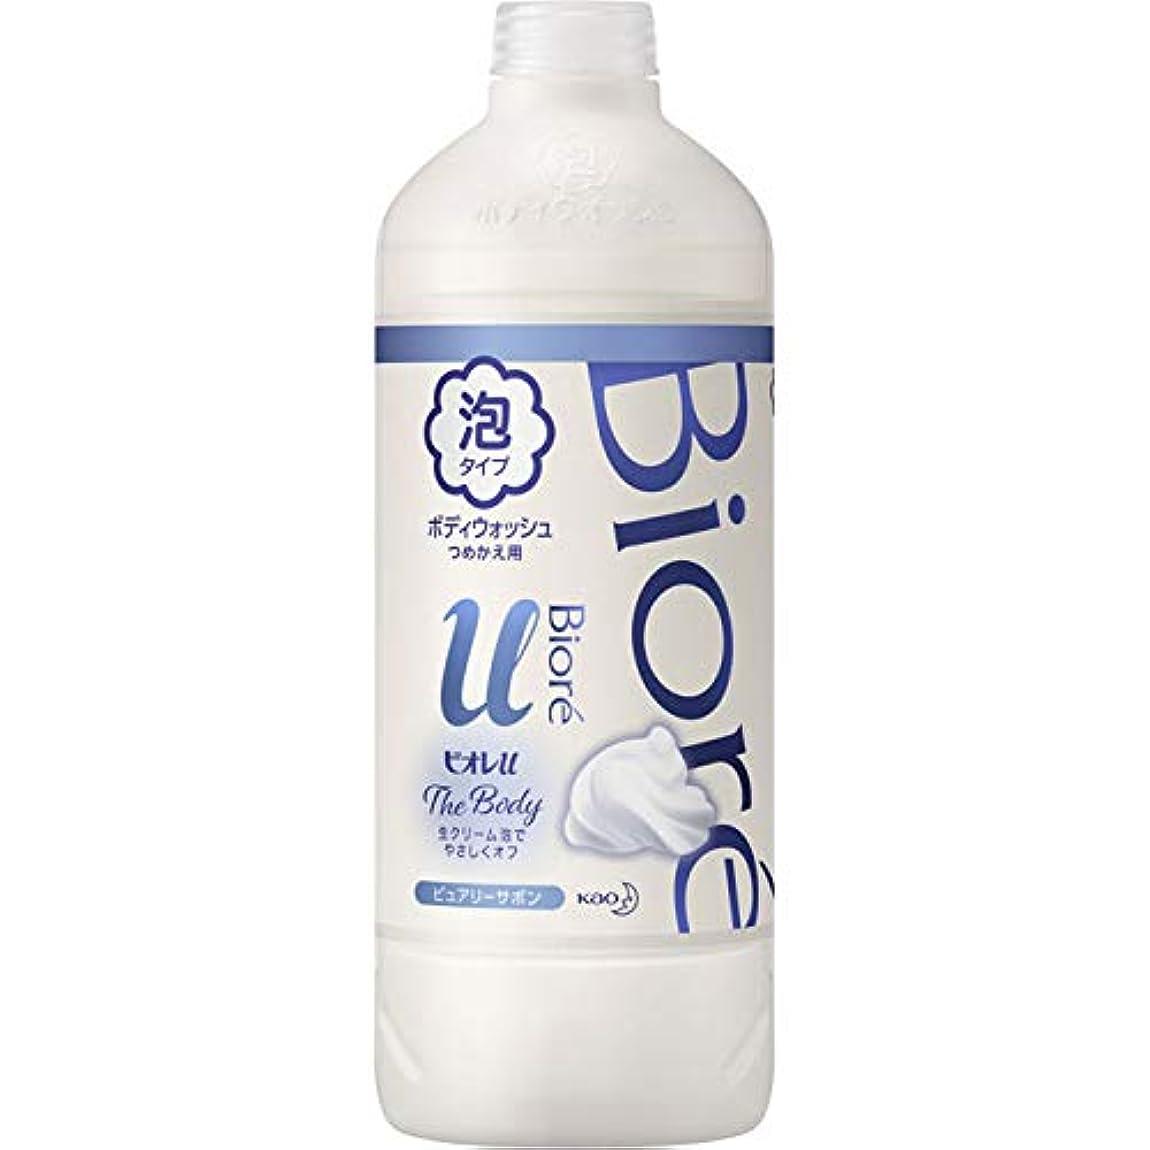 悪名高いトリクル散髪花王 ビオレu ザ ボディ泡ピュアリーサボンの香り 詰替え用 450ml